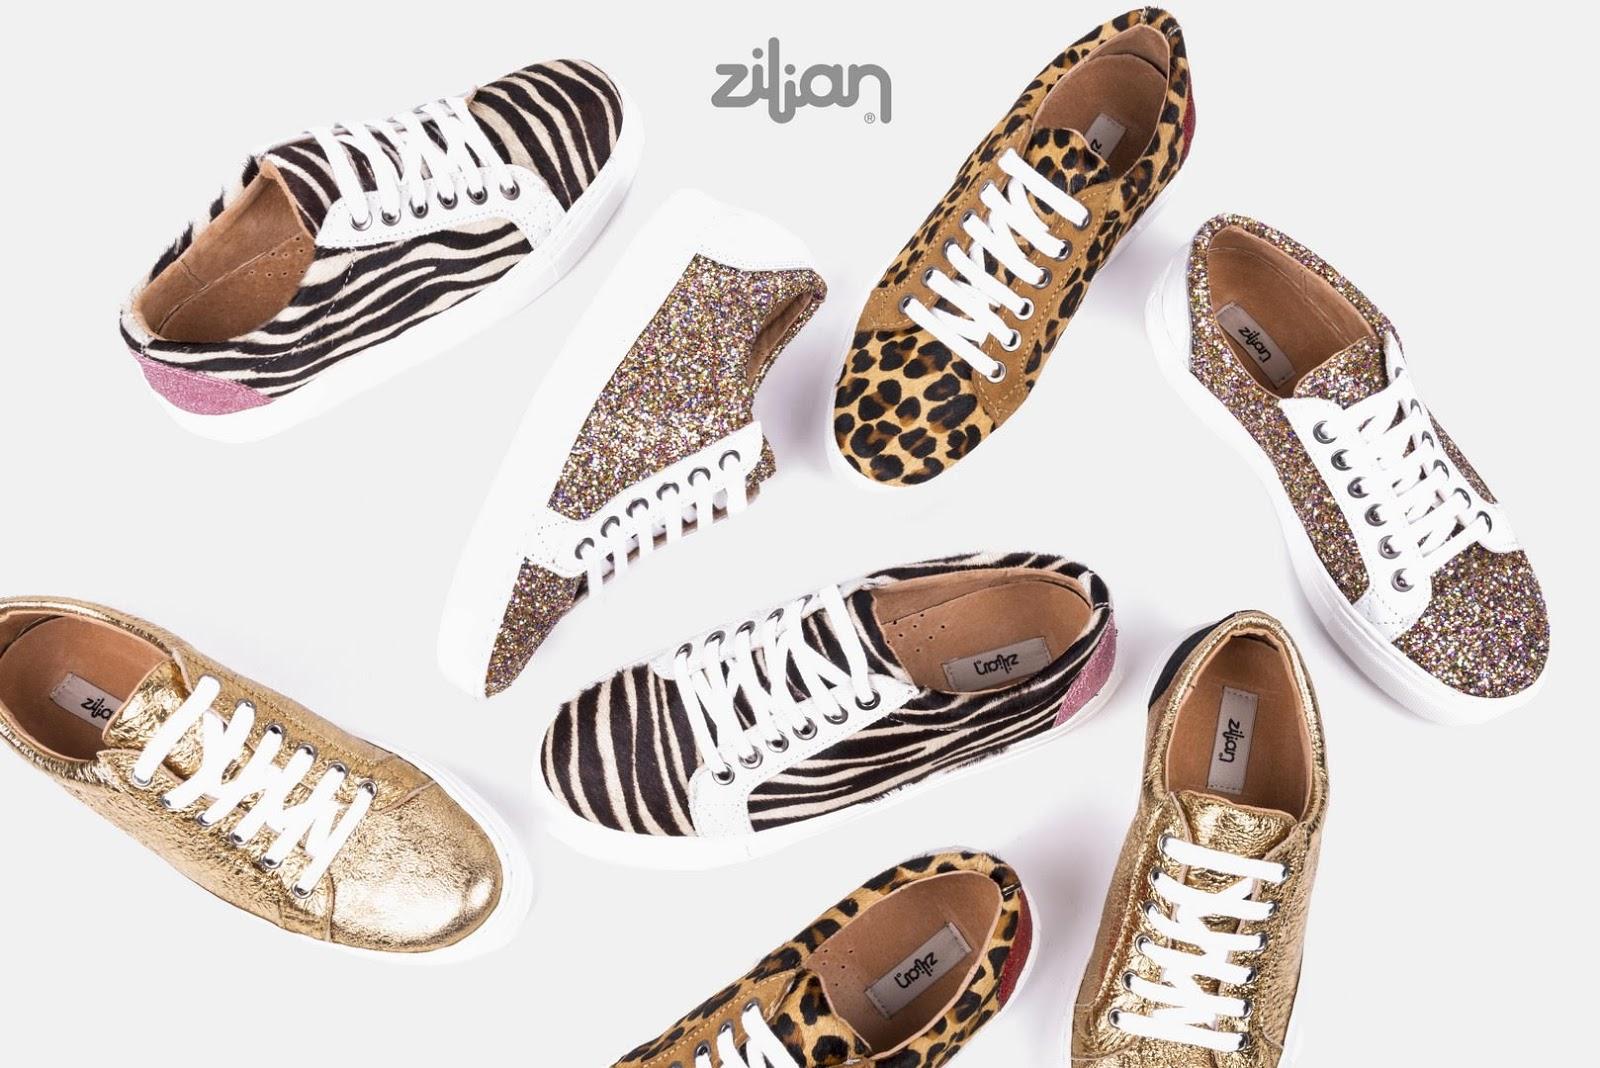 1987b18de Há quatro modelos disponíveis (pele metalizada dourada, glitter multicolor,  pele leopardo e pele zebra), todos eles giros-giros e todos eles fabricados  em ...